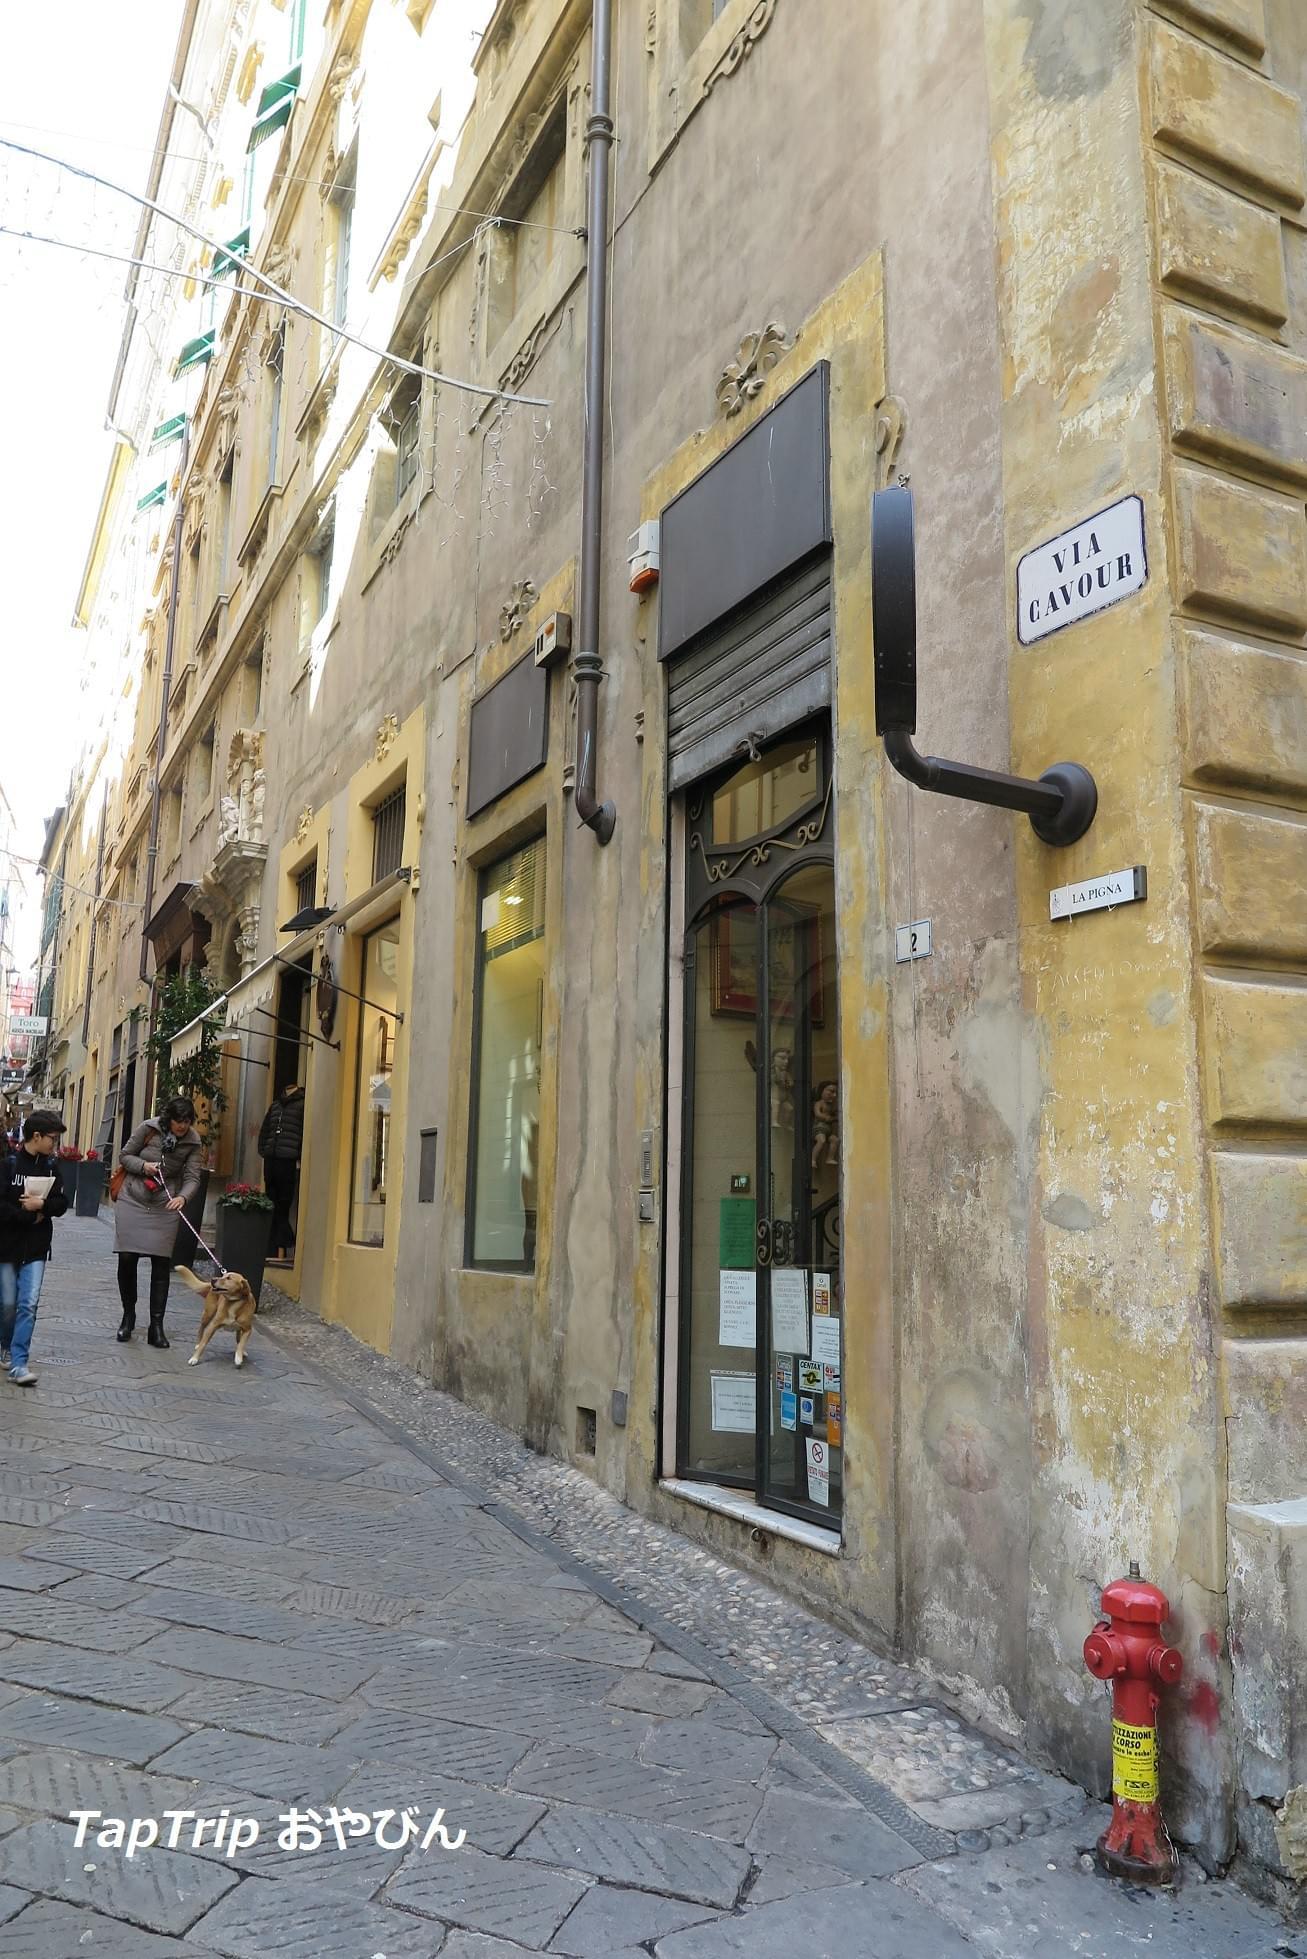 【イタリア旅行ガイド】音楽と花の町サンレモの歩き方